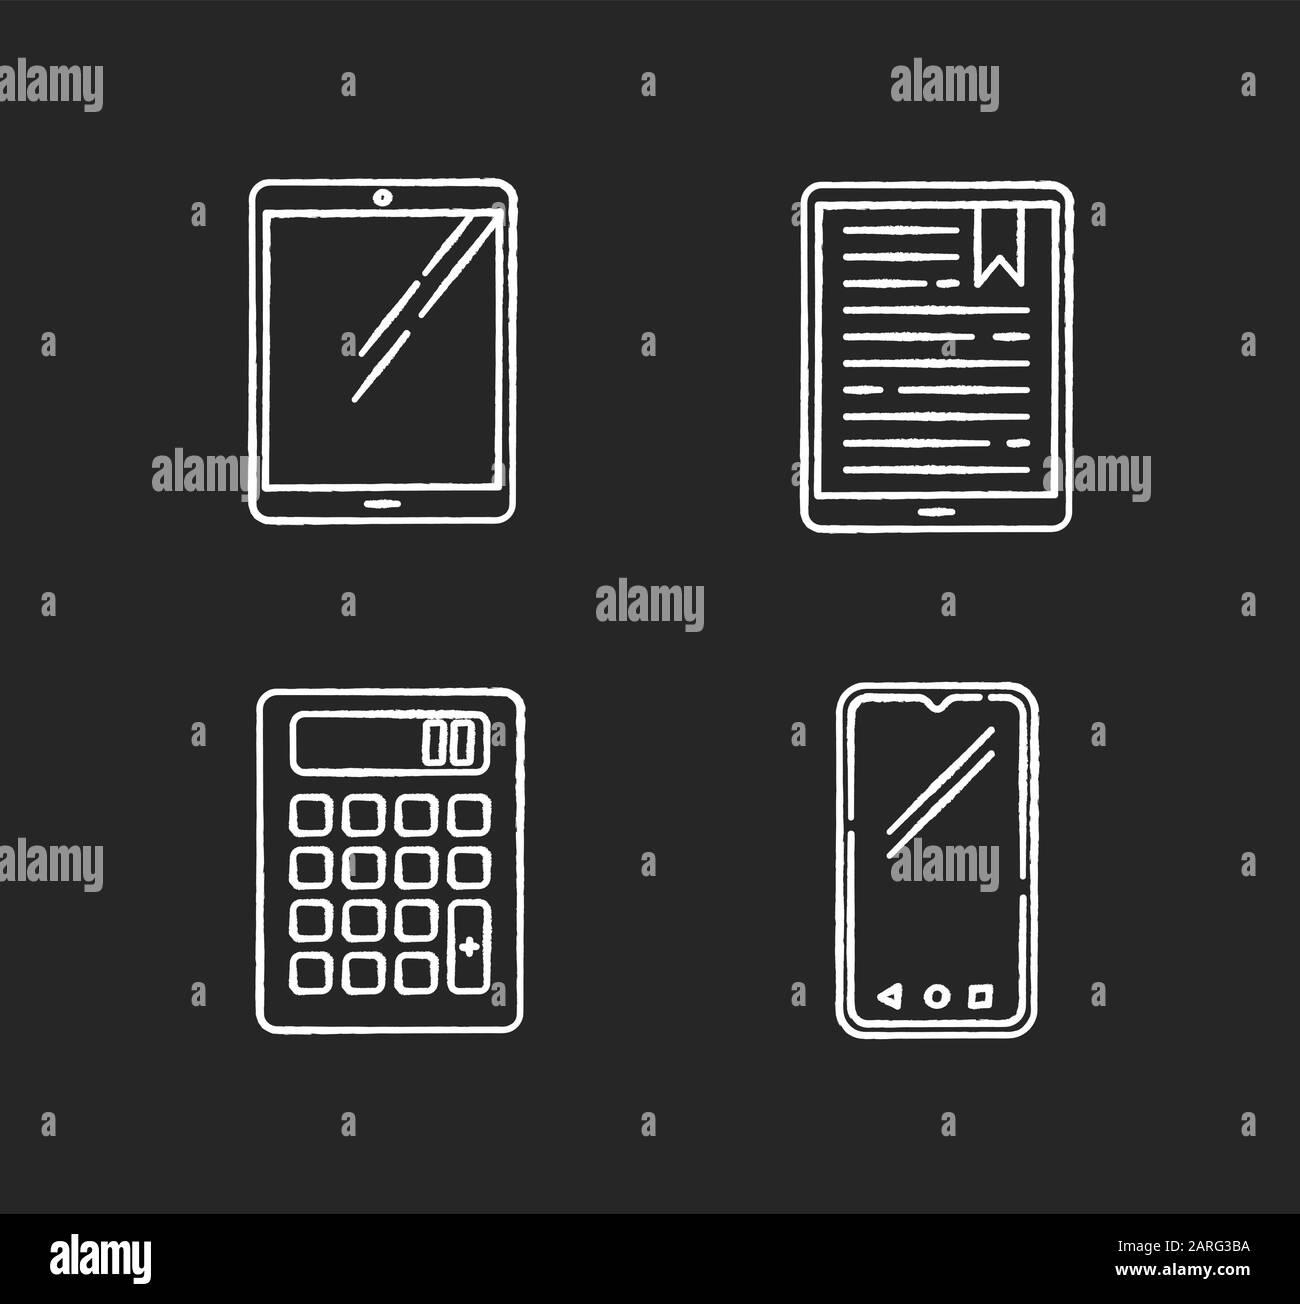 Les périphériques mobiles affichent des icônes blanches sur fond noir. Gadgets électroniques de poche. Tablette, lecteur électronique, livre électronique. Smartphone, calculatrice. Numérique compact Illustration de Vecteur